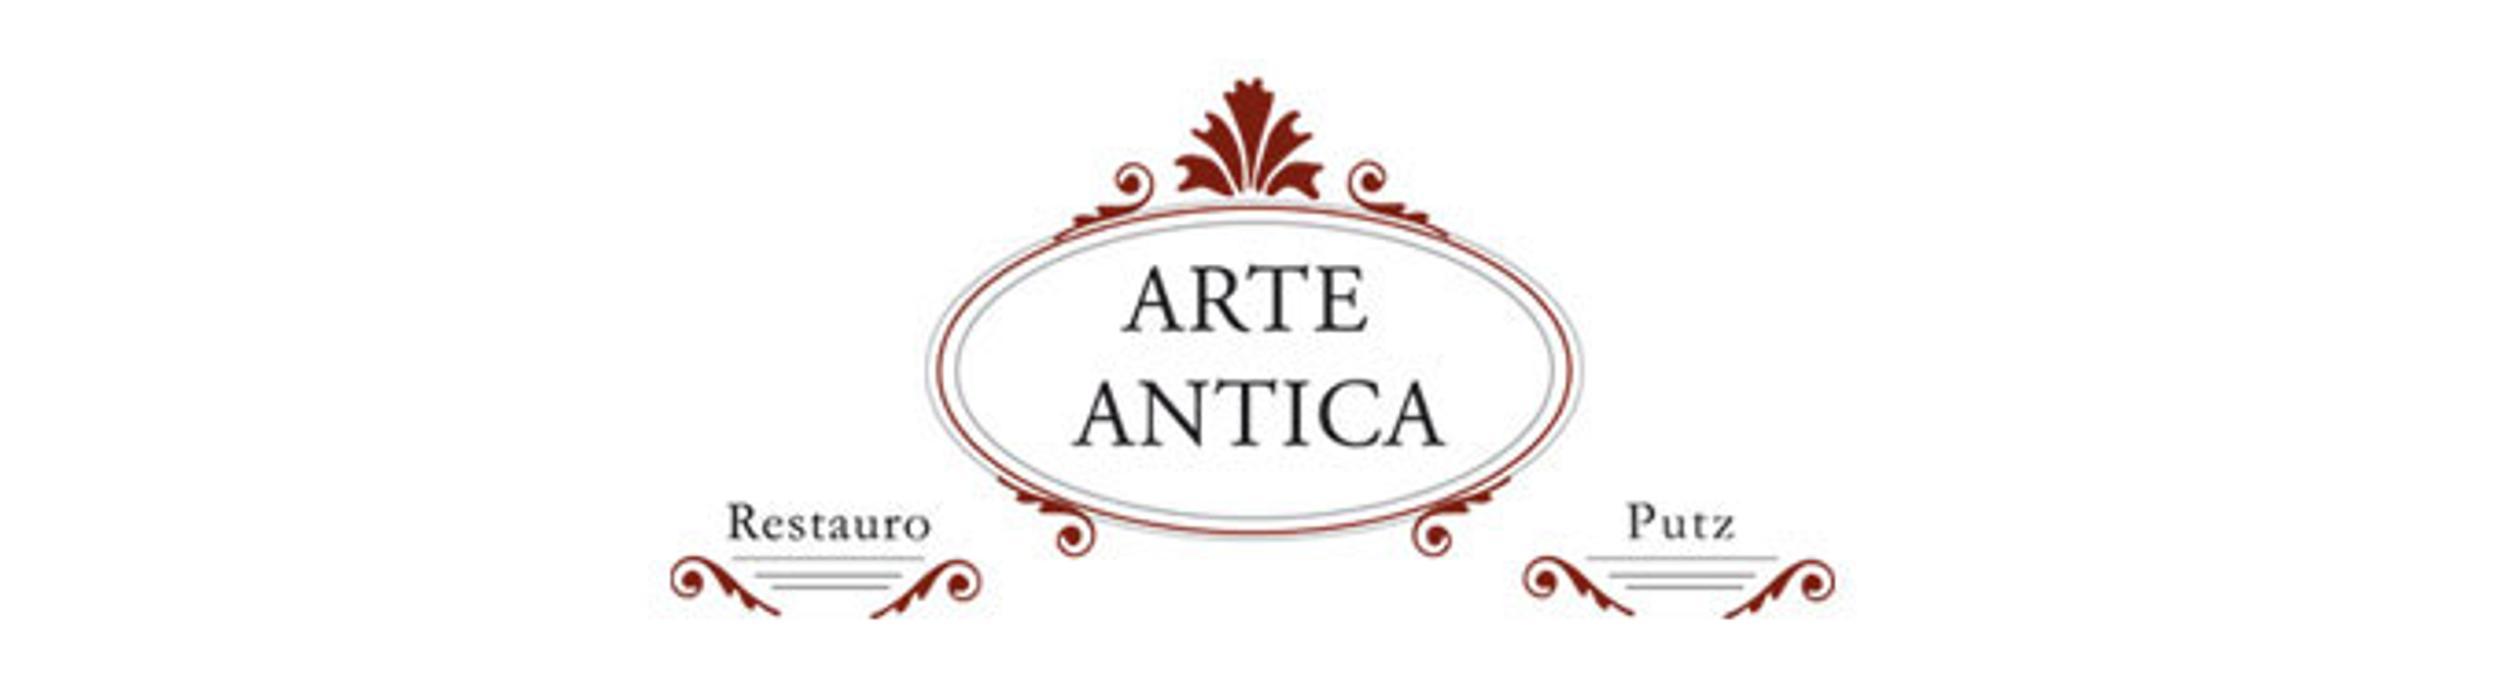 Bild zu Restauro Putz GmbH Arte Antica in München